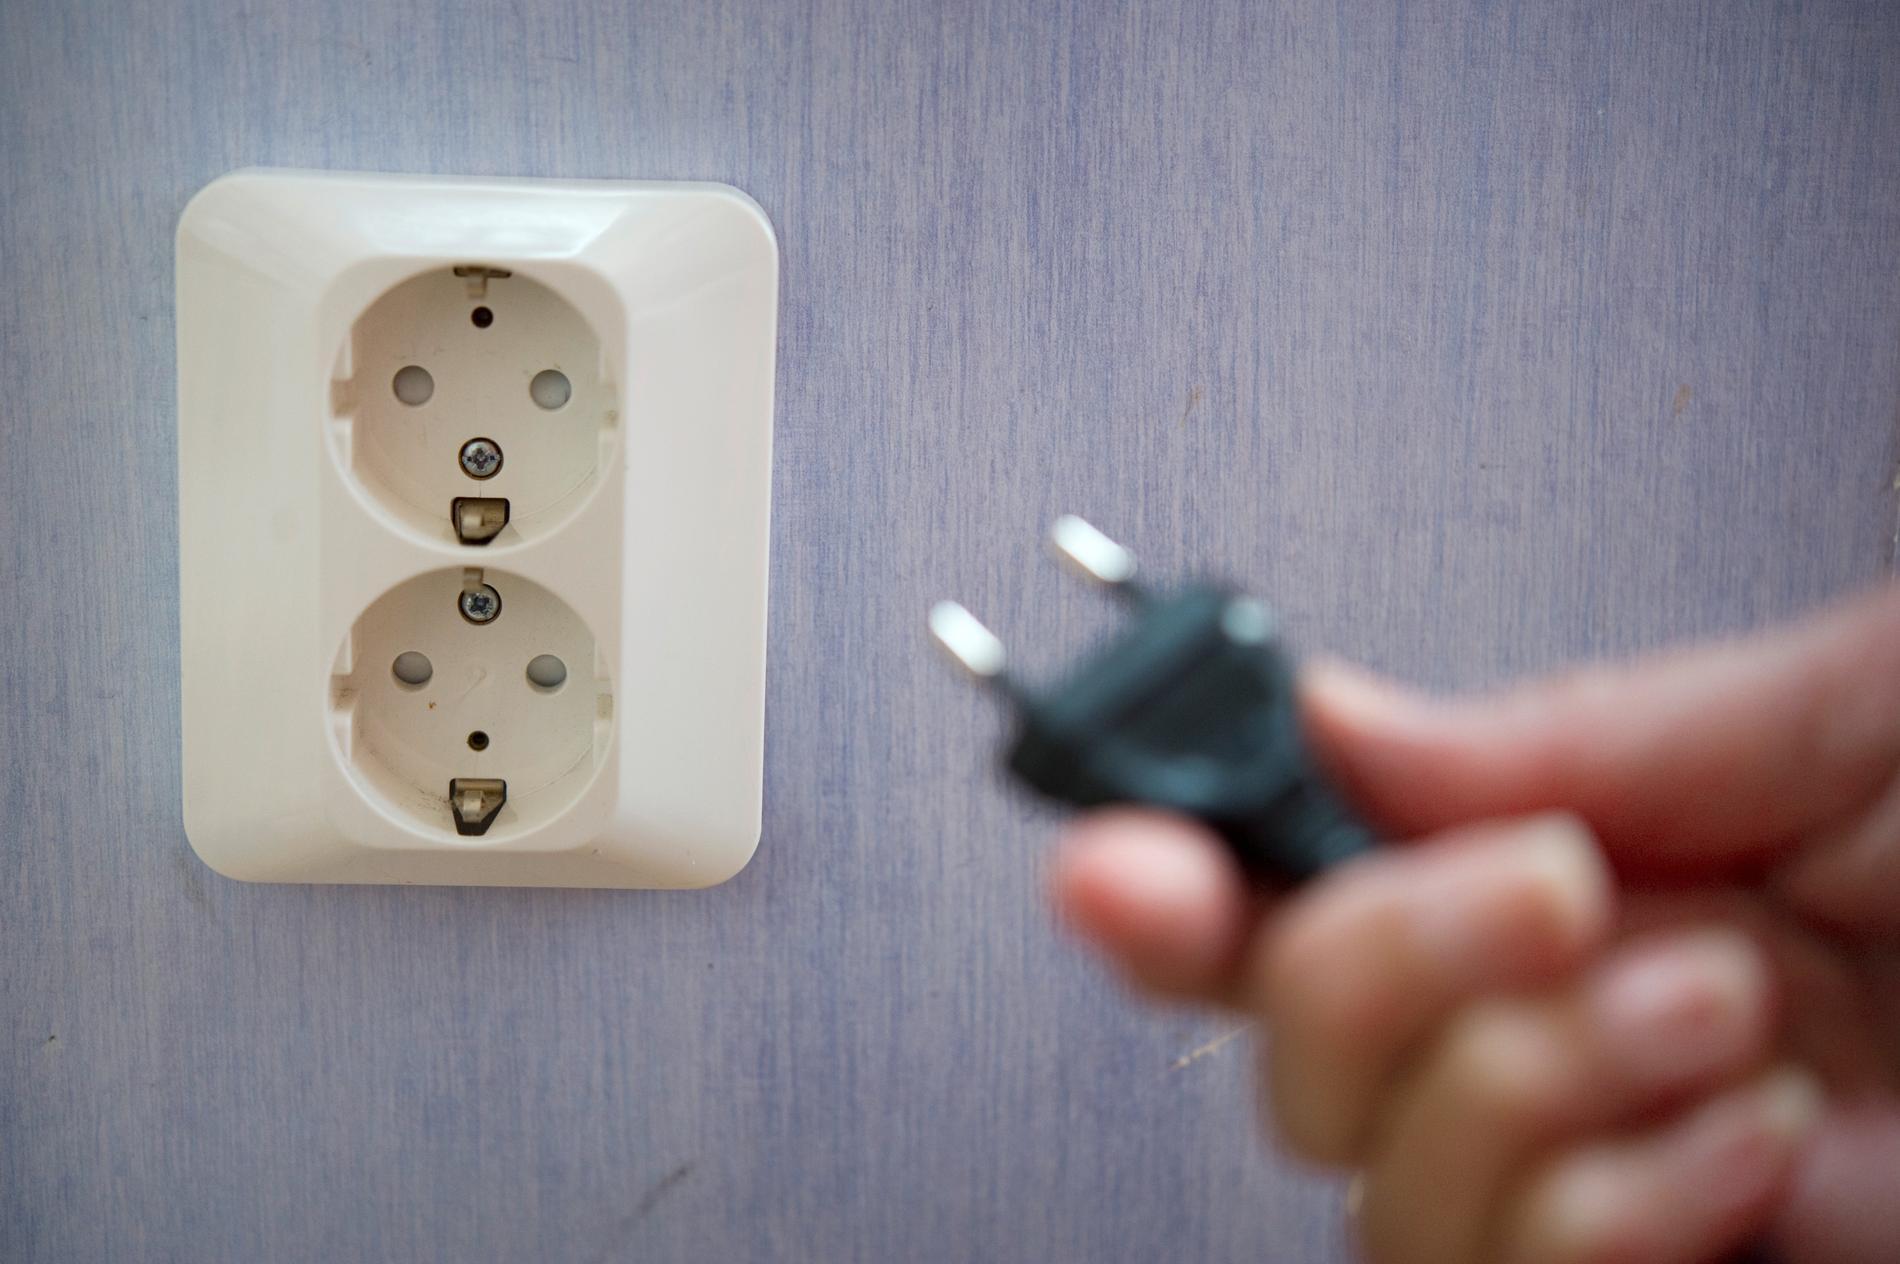 Över 9000 kunder drabbades av strömavbrott i sydvästra Skåne. Arkivbild.